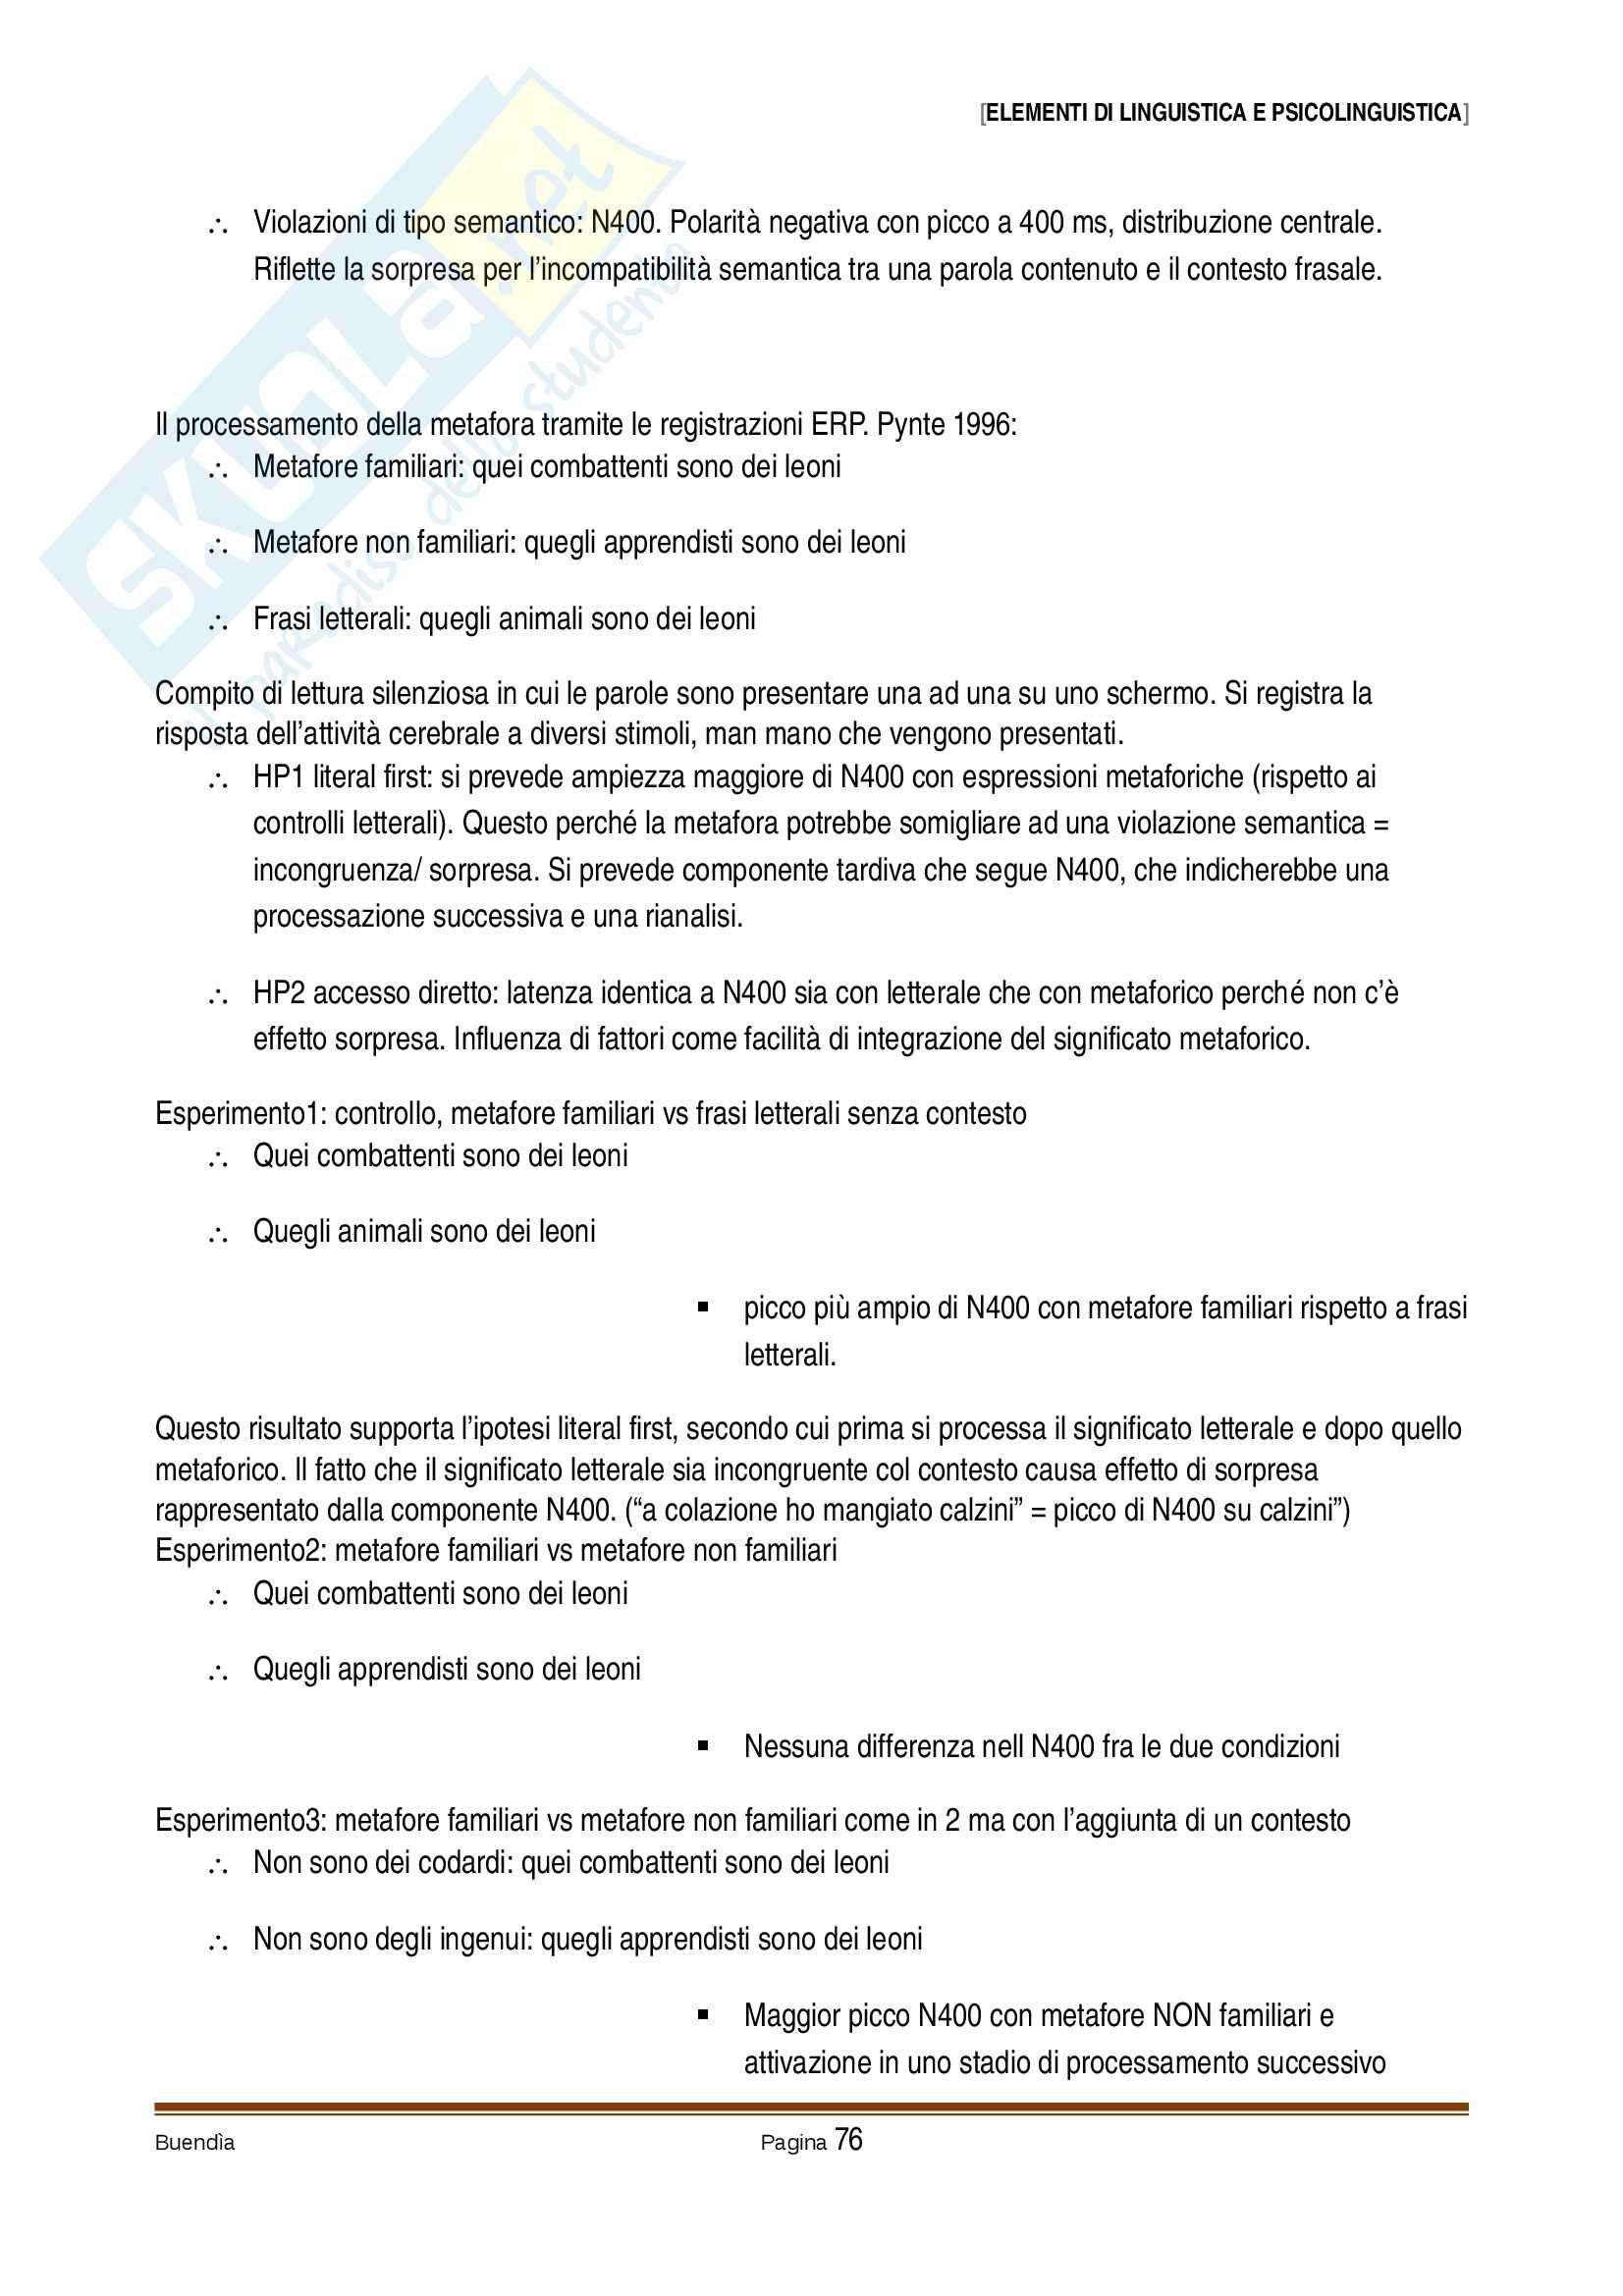 Appunti delle lezioni di elementi di linguistica e psicolinguistica, prof. Panzeri Pag. 76